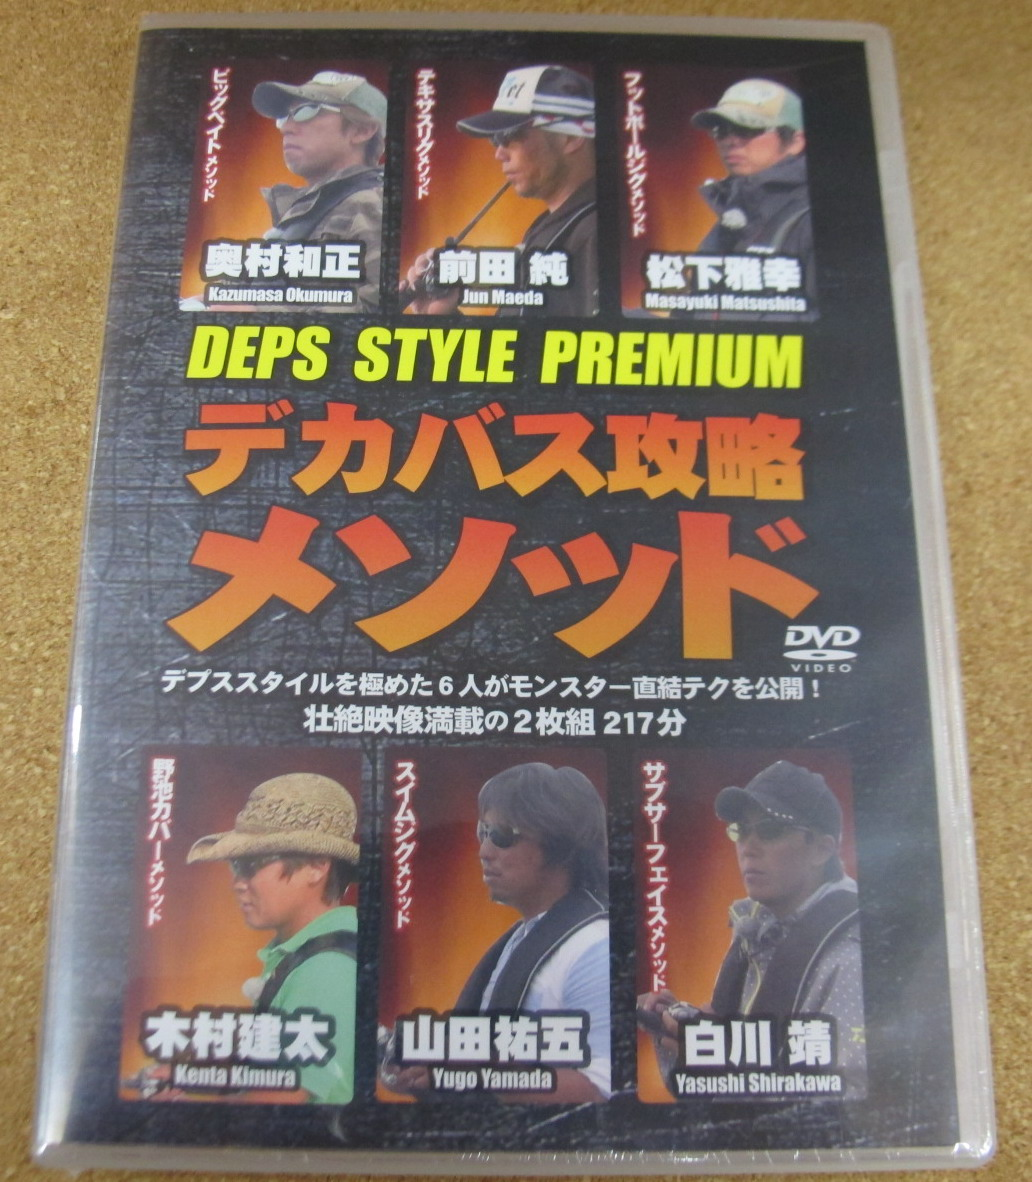 ルアーニュース depsスタイルプレミア  2枚組DVD_a0153216_1836693.jpg